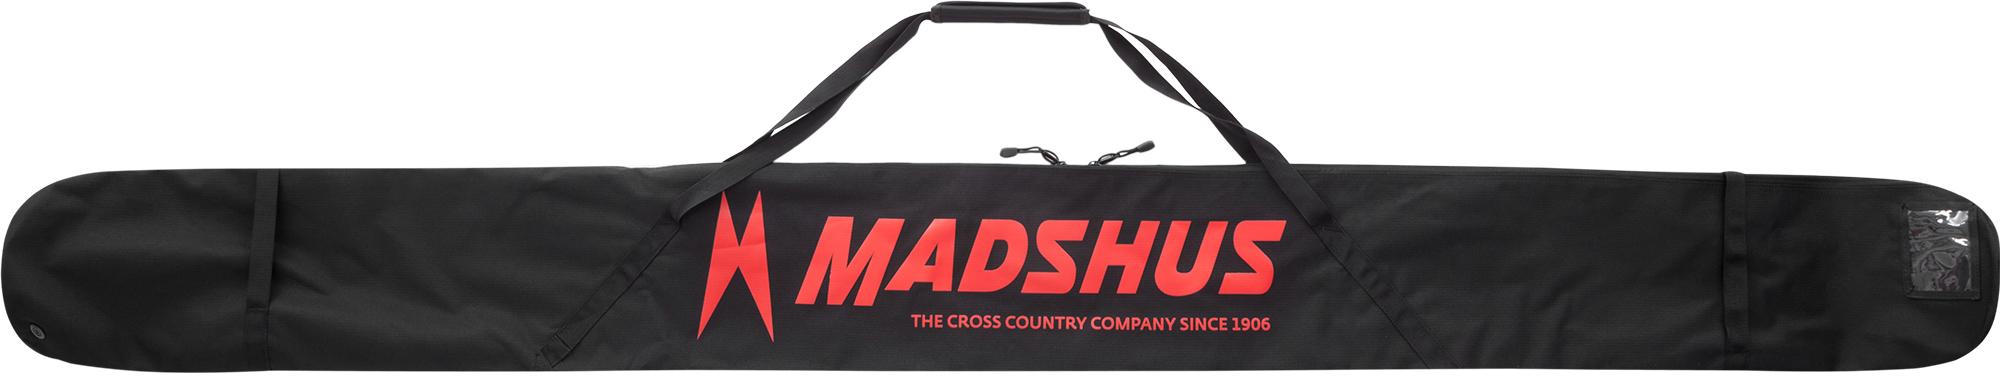 Madshus Чехол для беговых лыж Madshus madshus палки для беговых лыж madshus activesonic